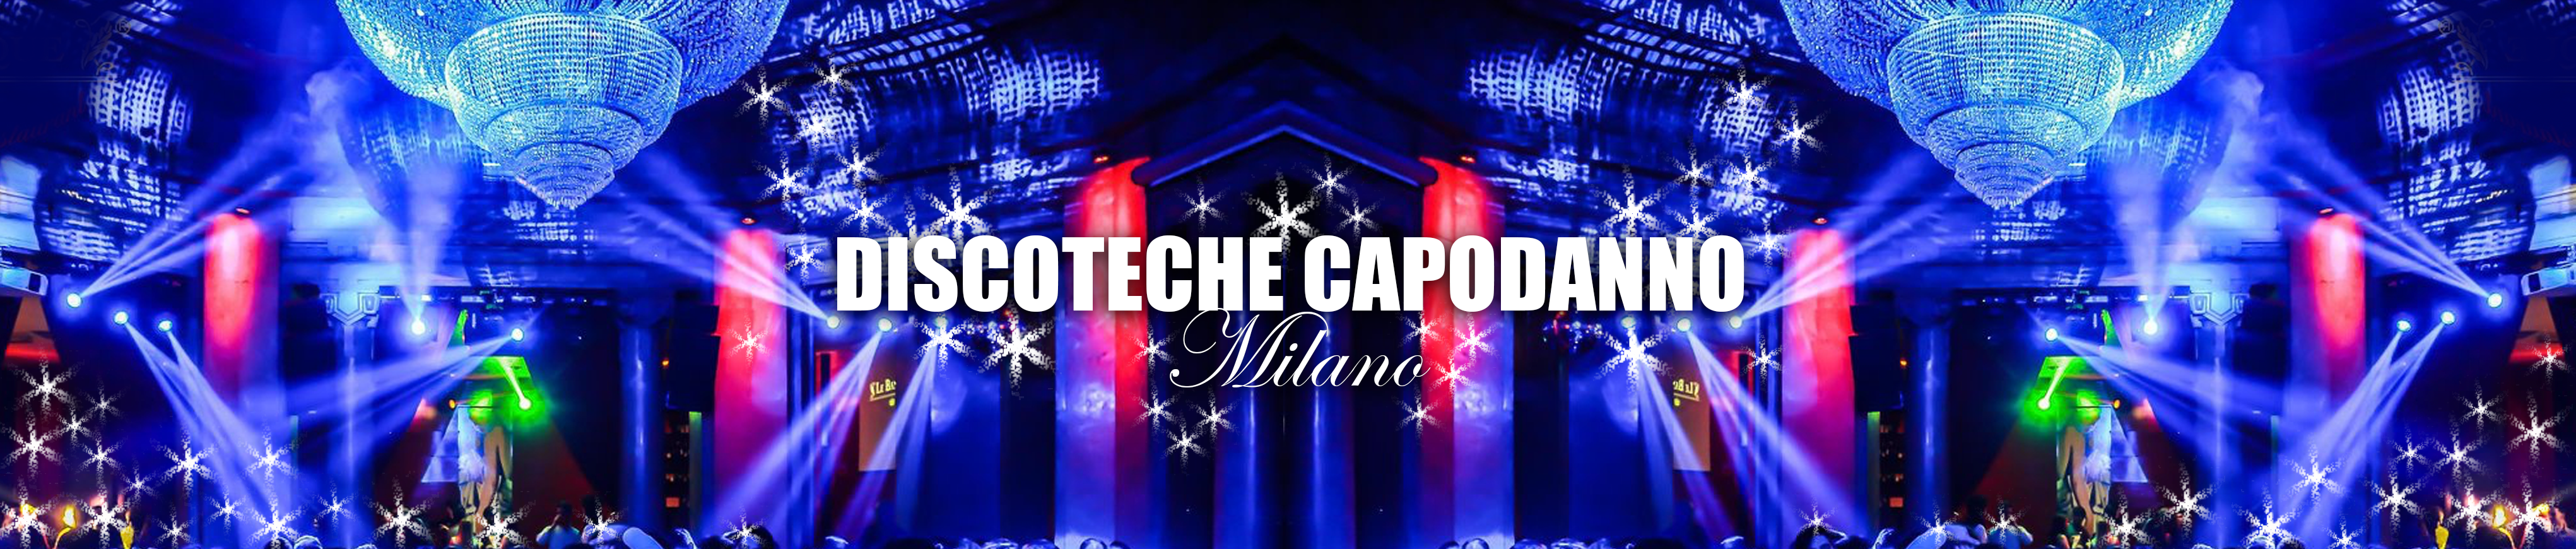 Discoteche Capodanno Milano